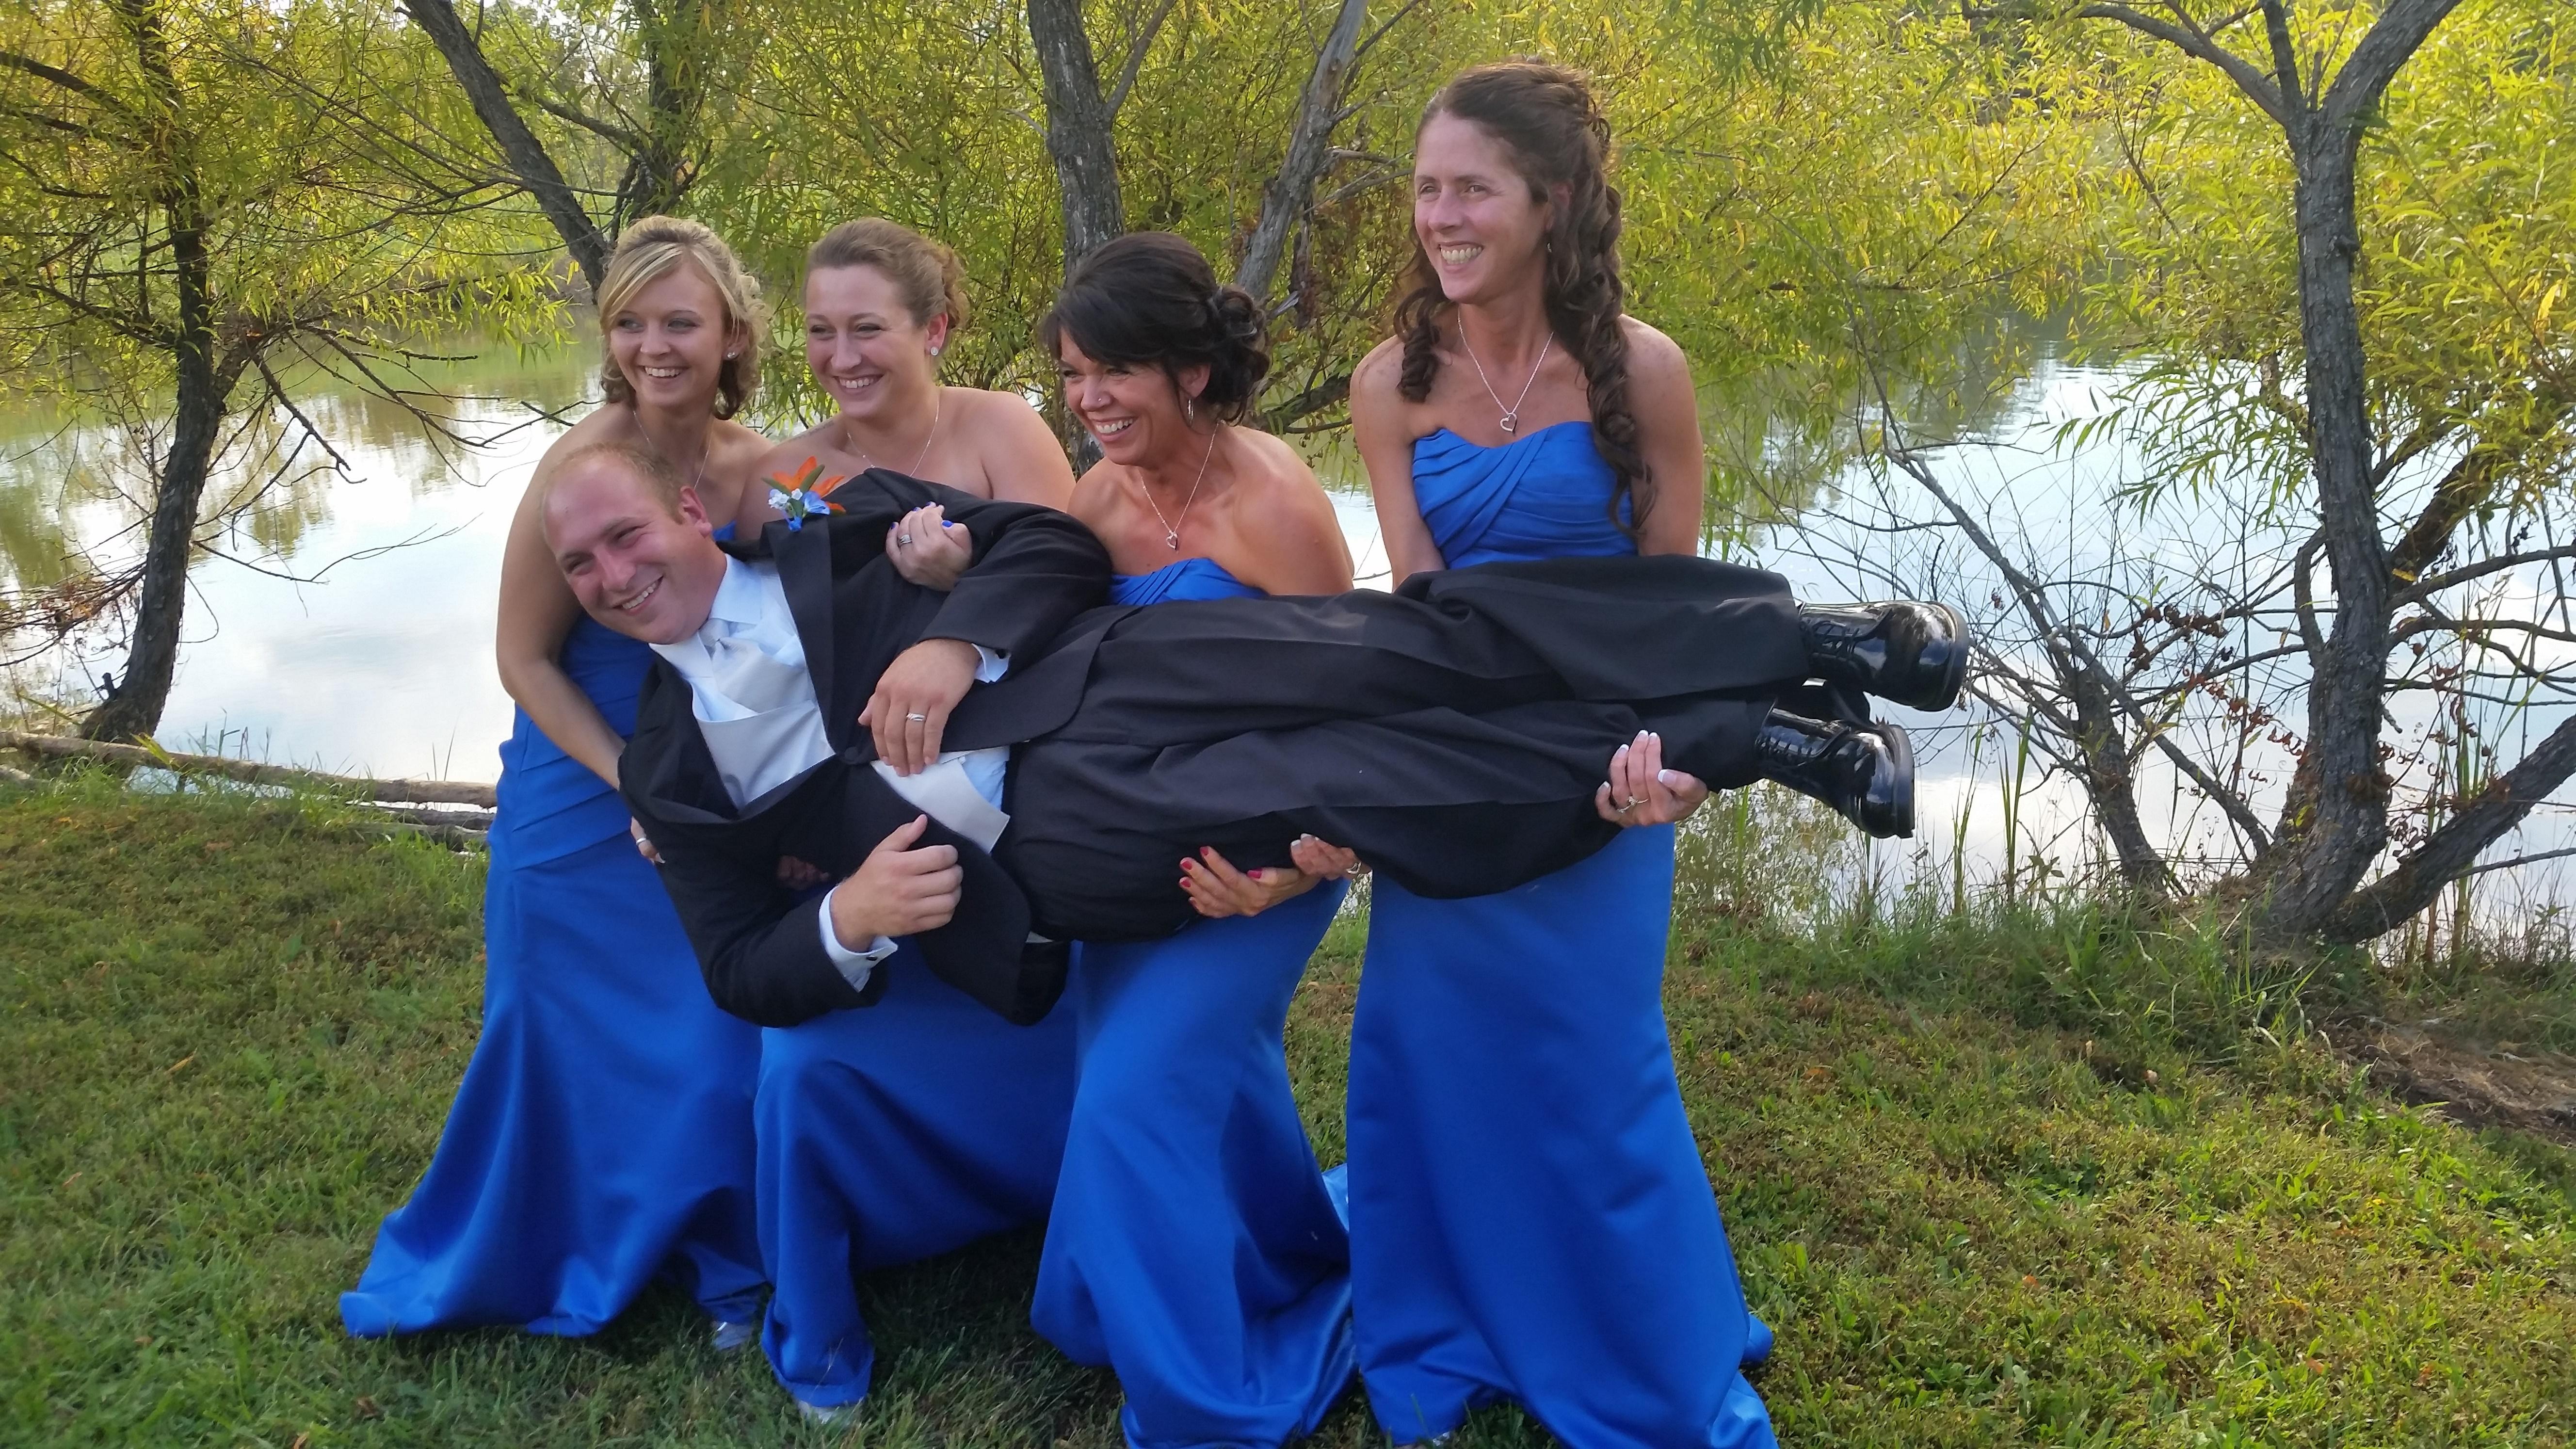 Wedding bridesmaids holding Groom